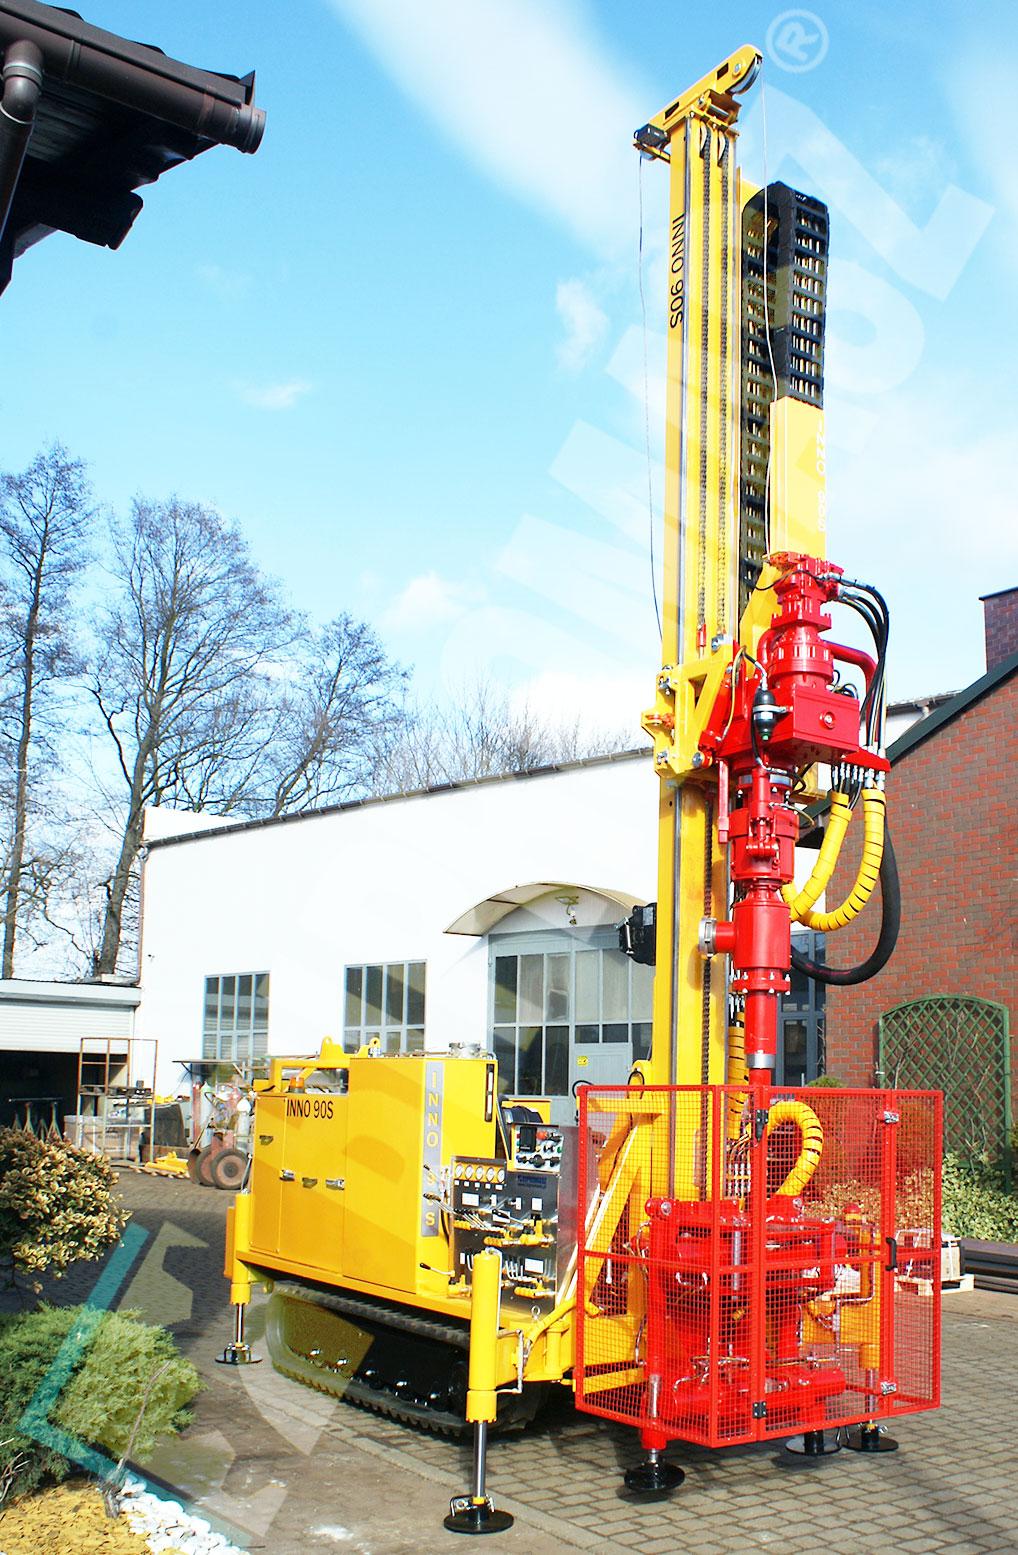 Wiertnica do pomp ciepła i studni - H30G na podwoziu gąsienicowym produkcji Bipromasz - pozycja robocza